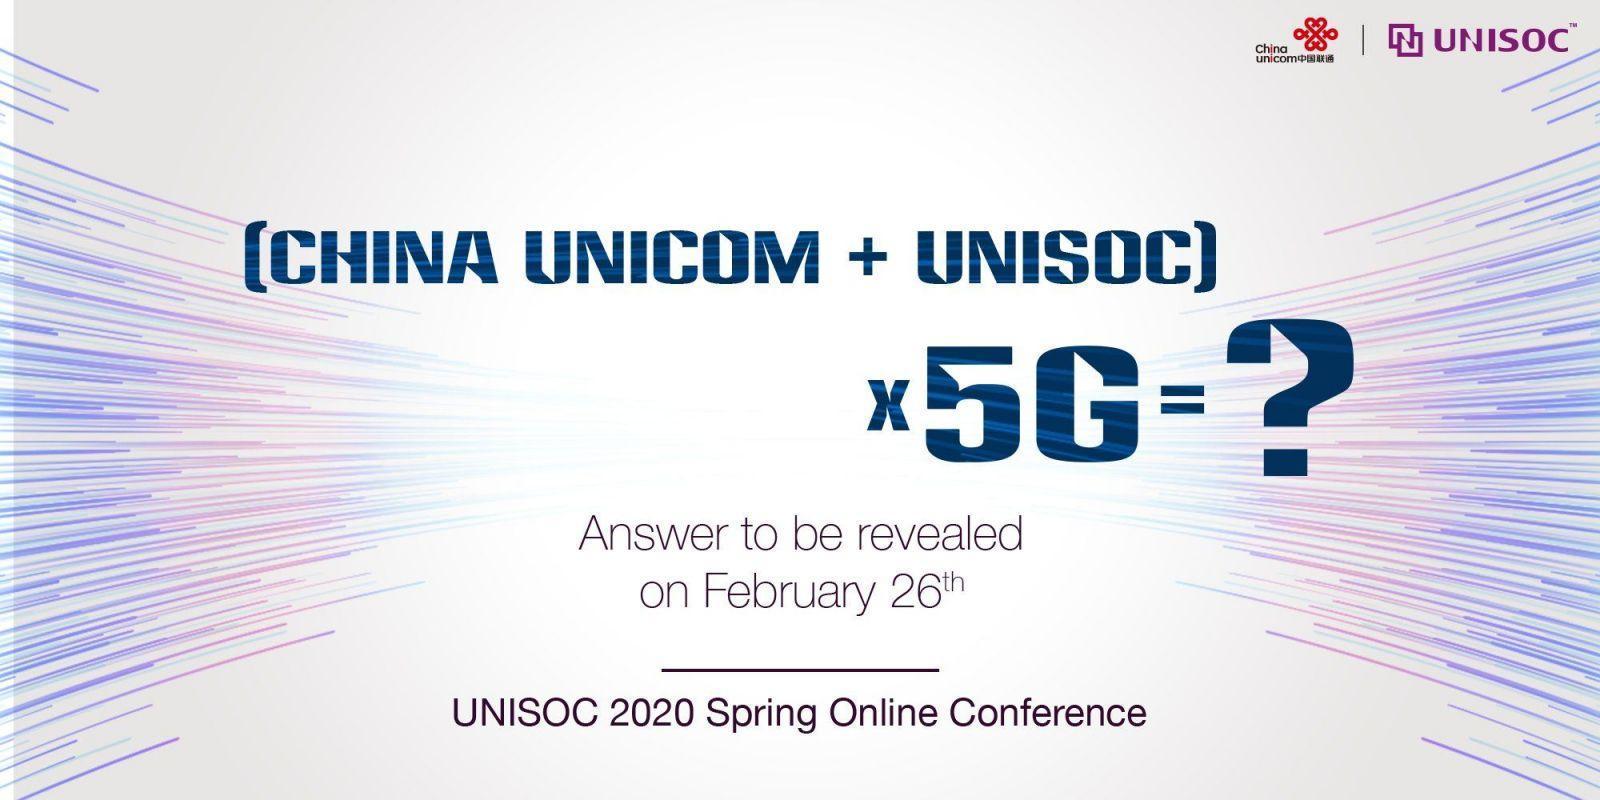 unisoc-5g-chipset Бренд UNISOC представит сегодня   свой первый 5G SoC